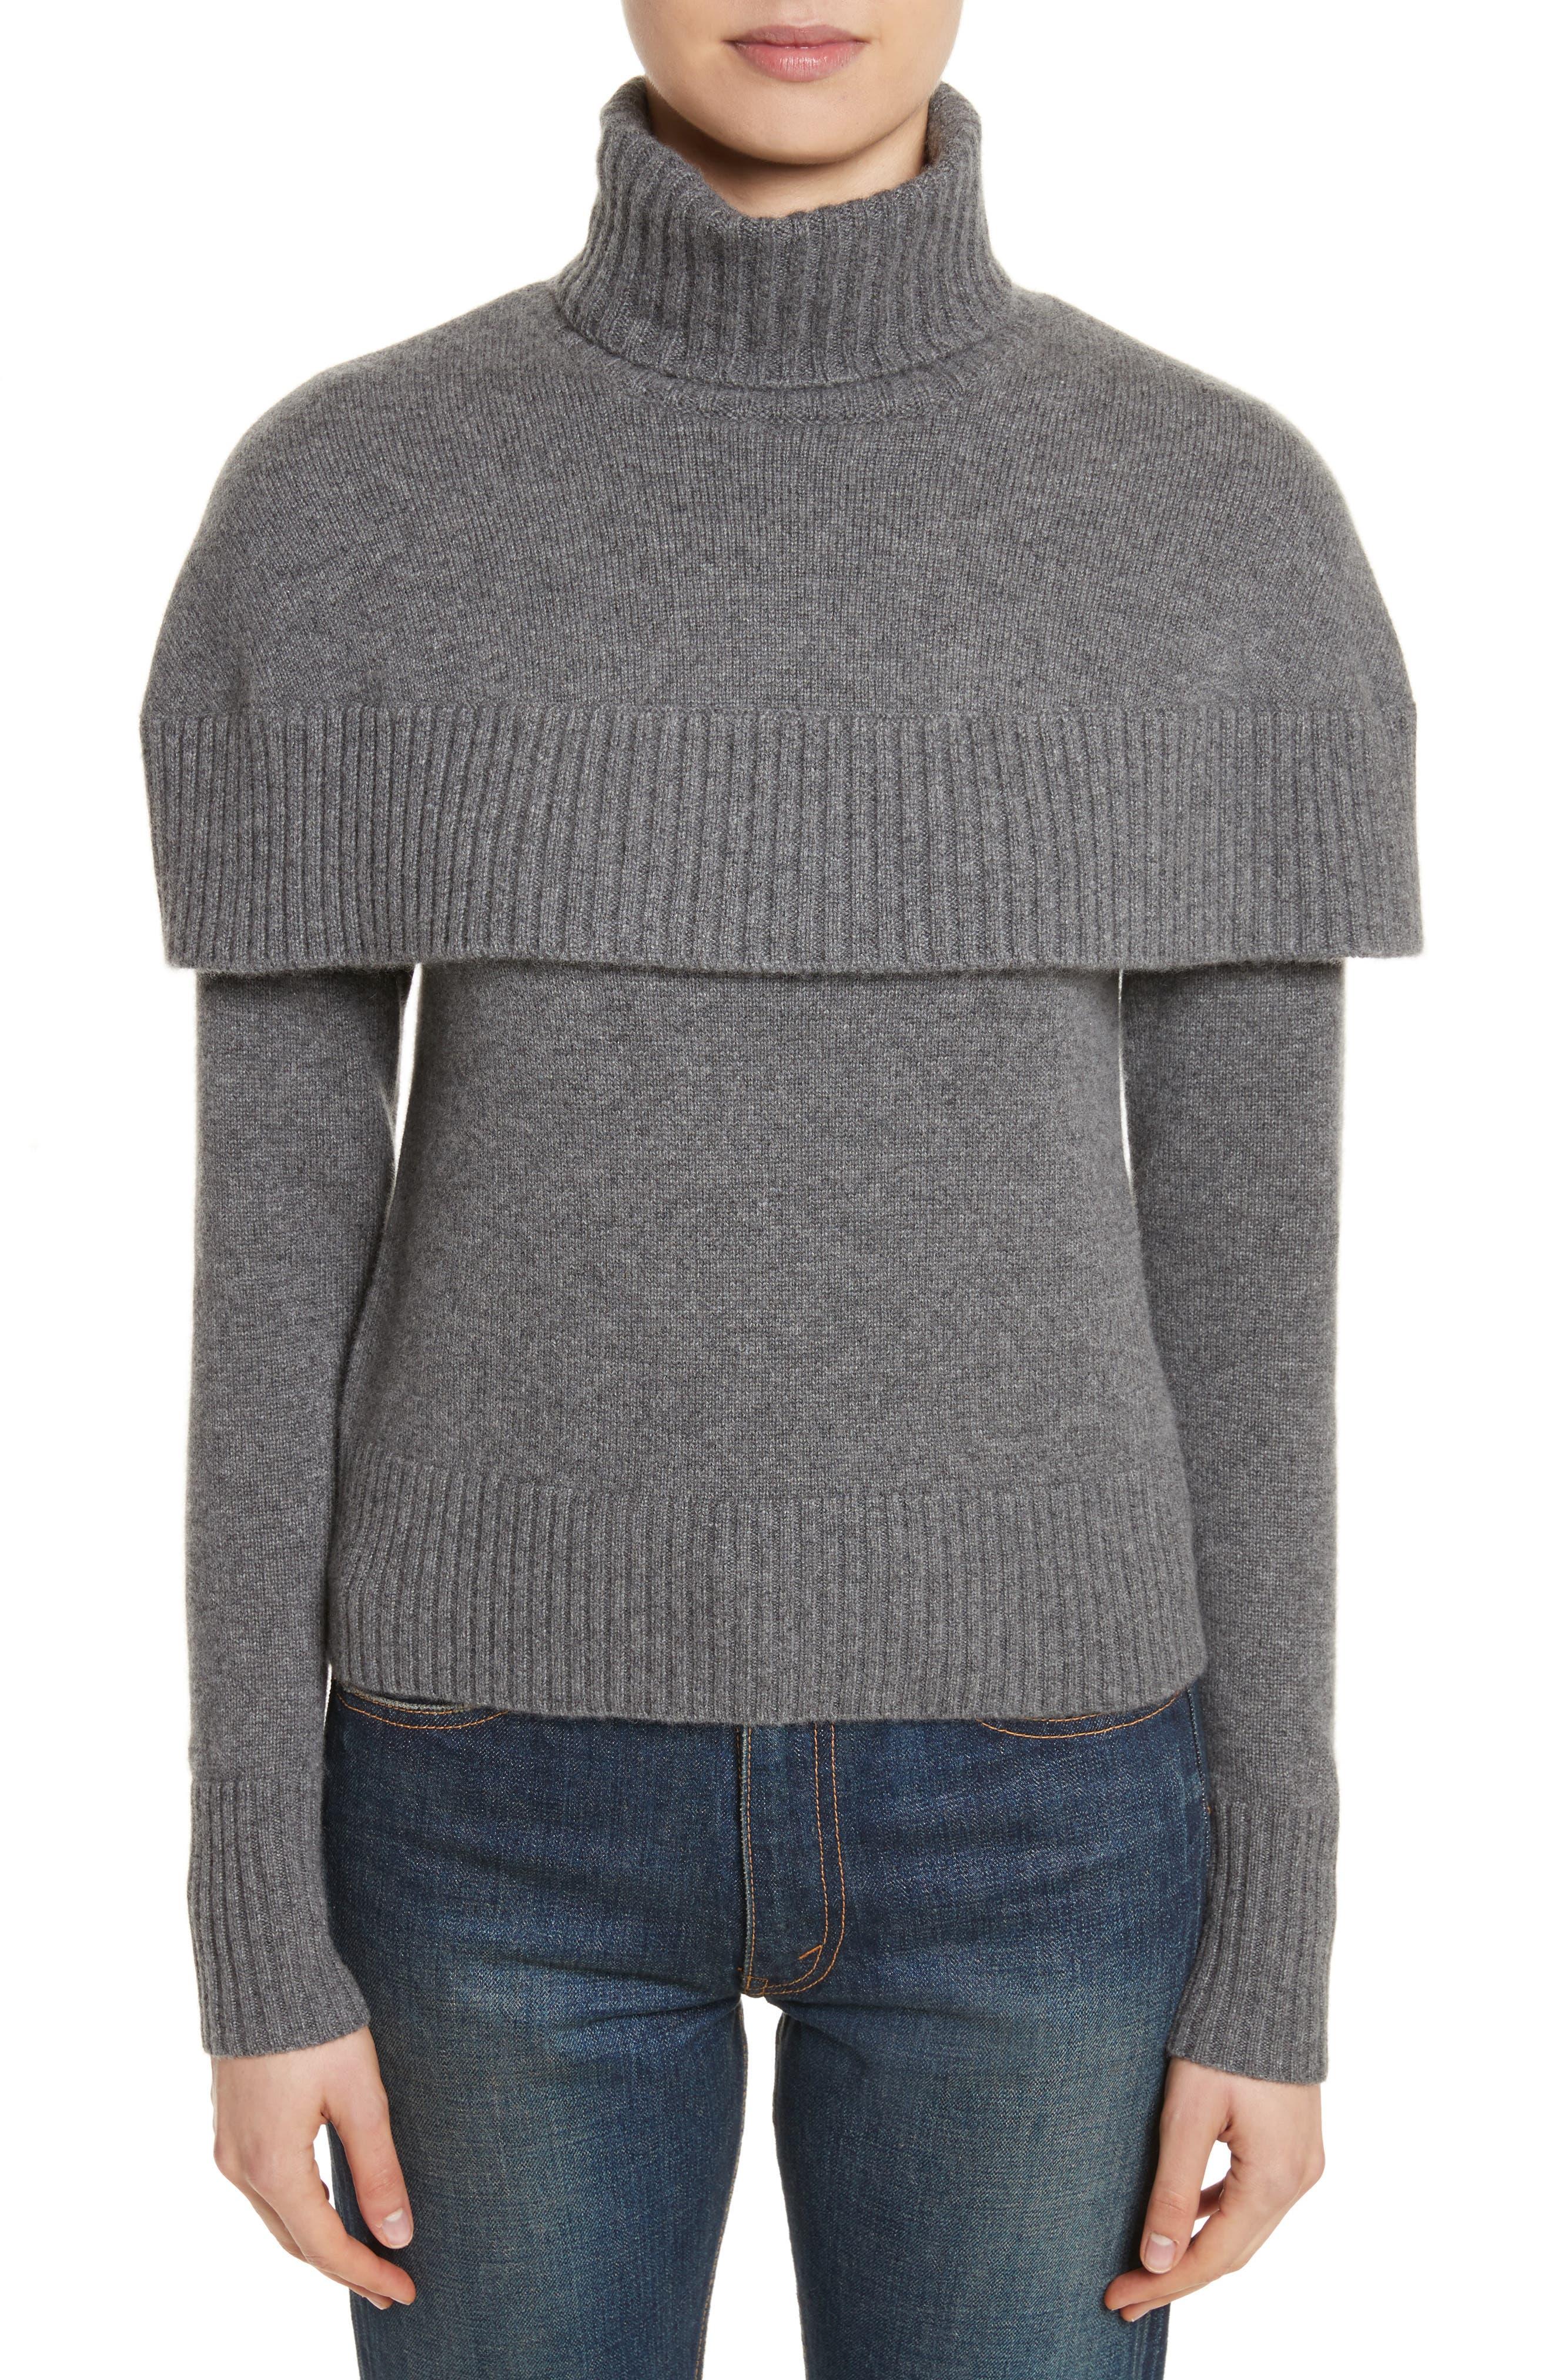 Chloé Cashmere Mini Cape Turtleneck Sweater